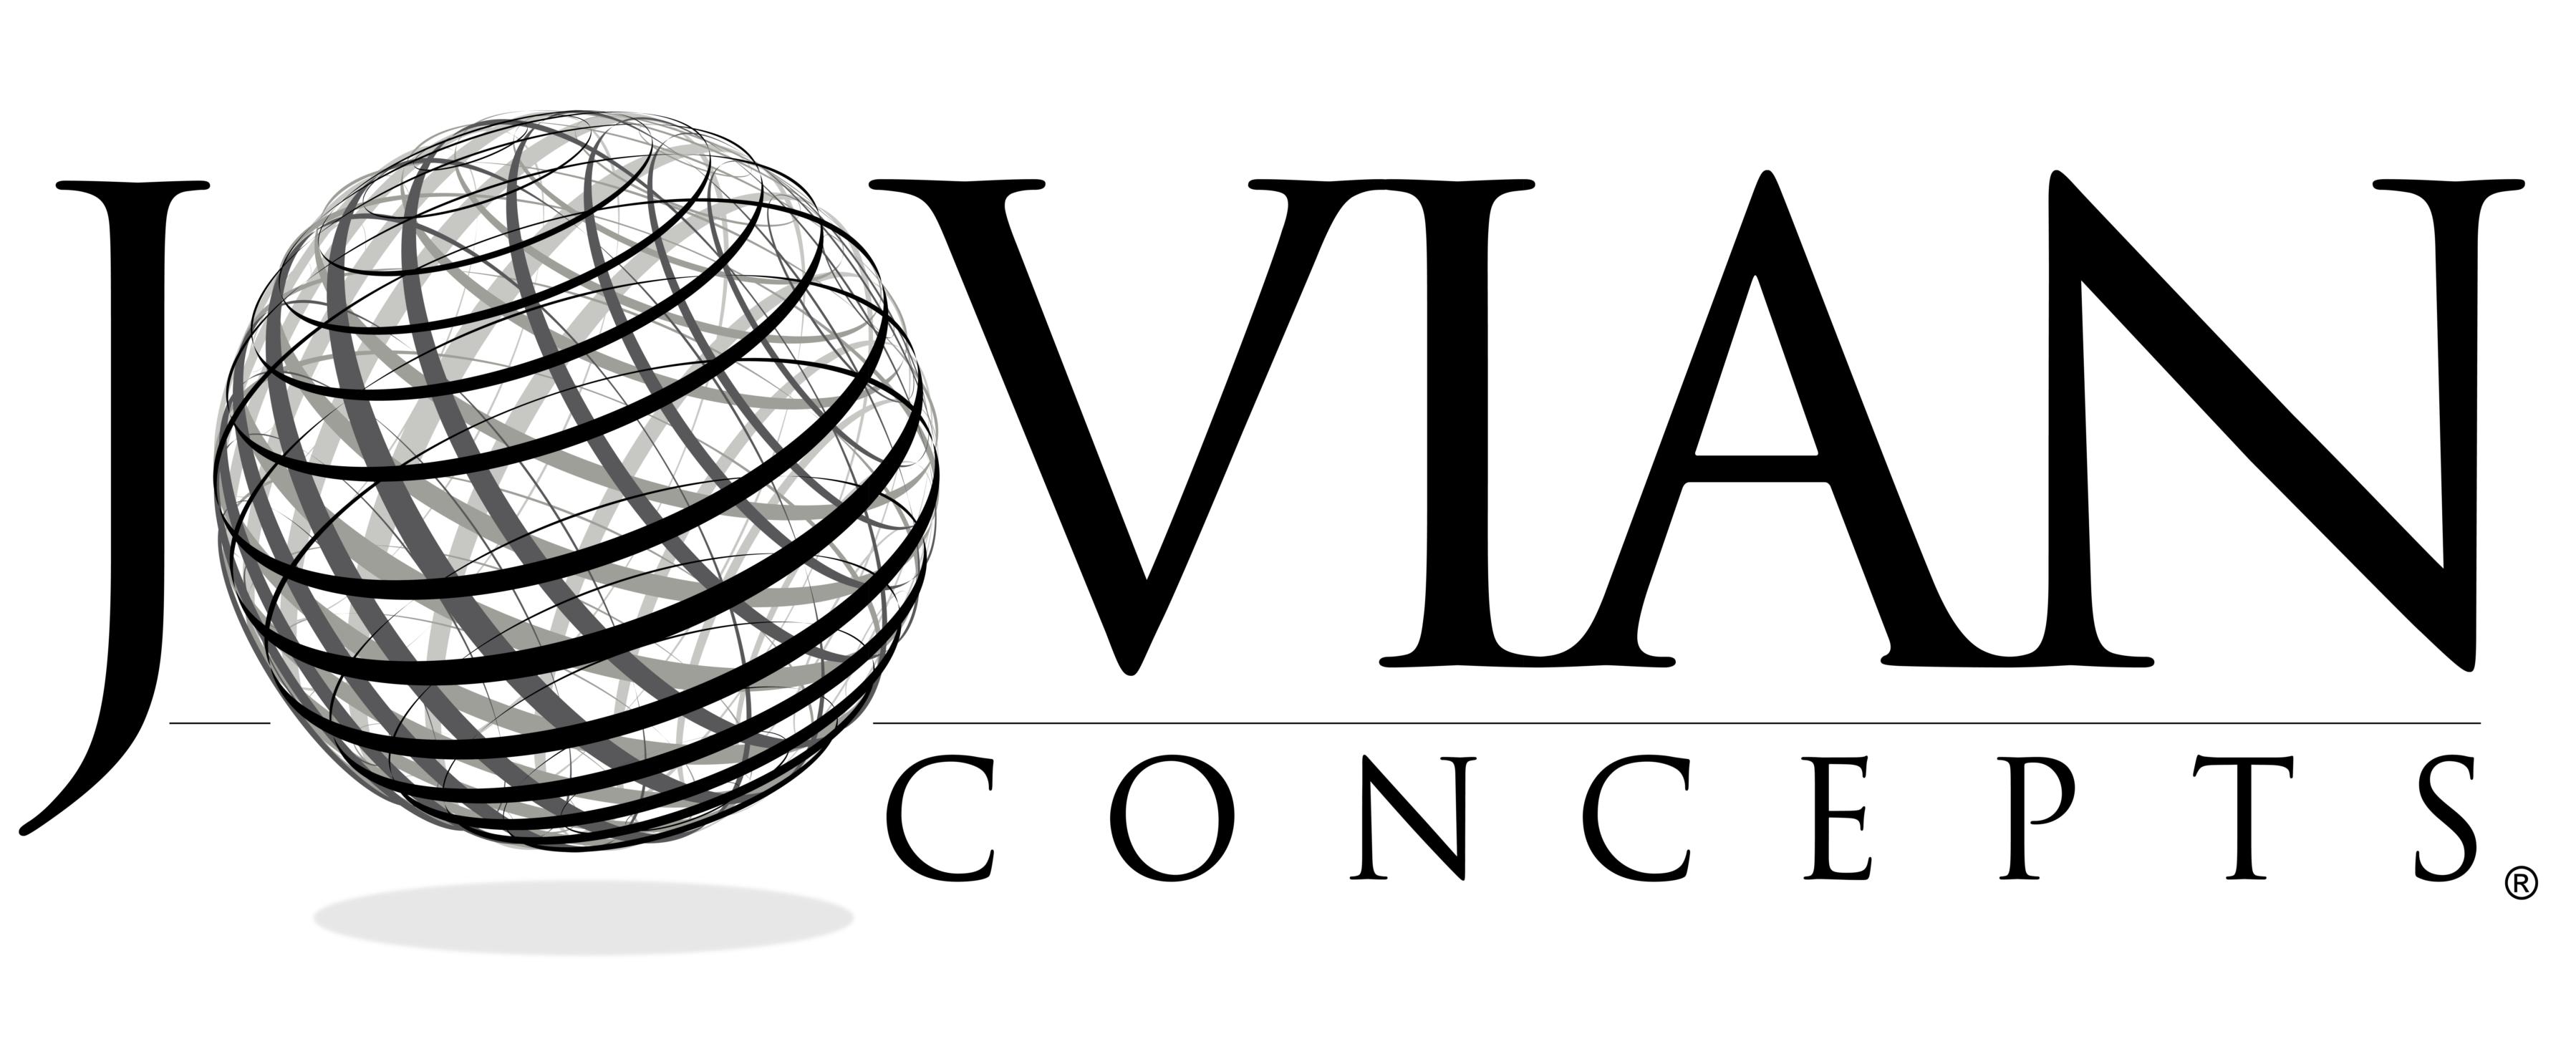 Jovian Concepts, Inc. Company Logo